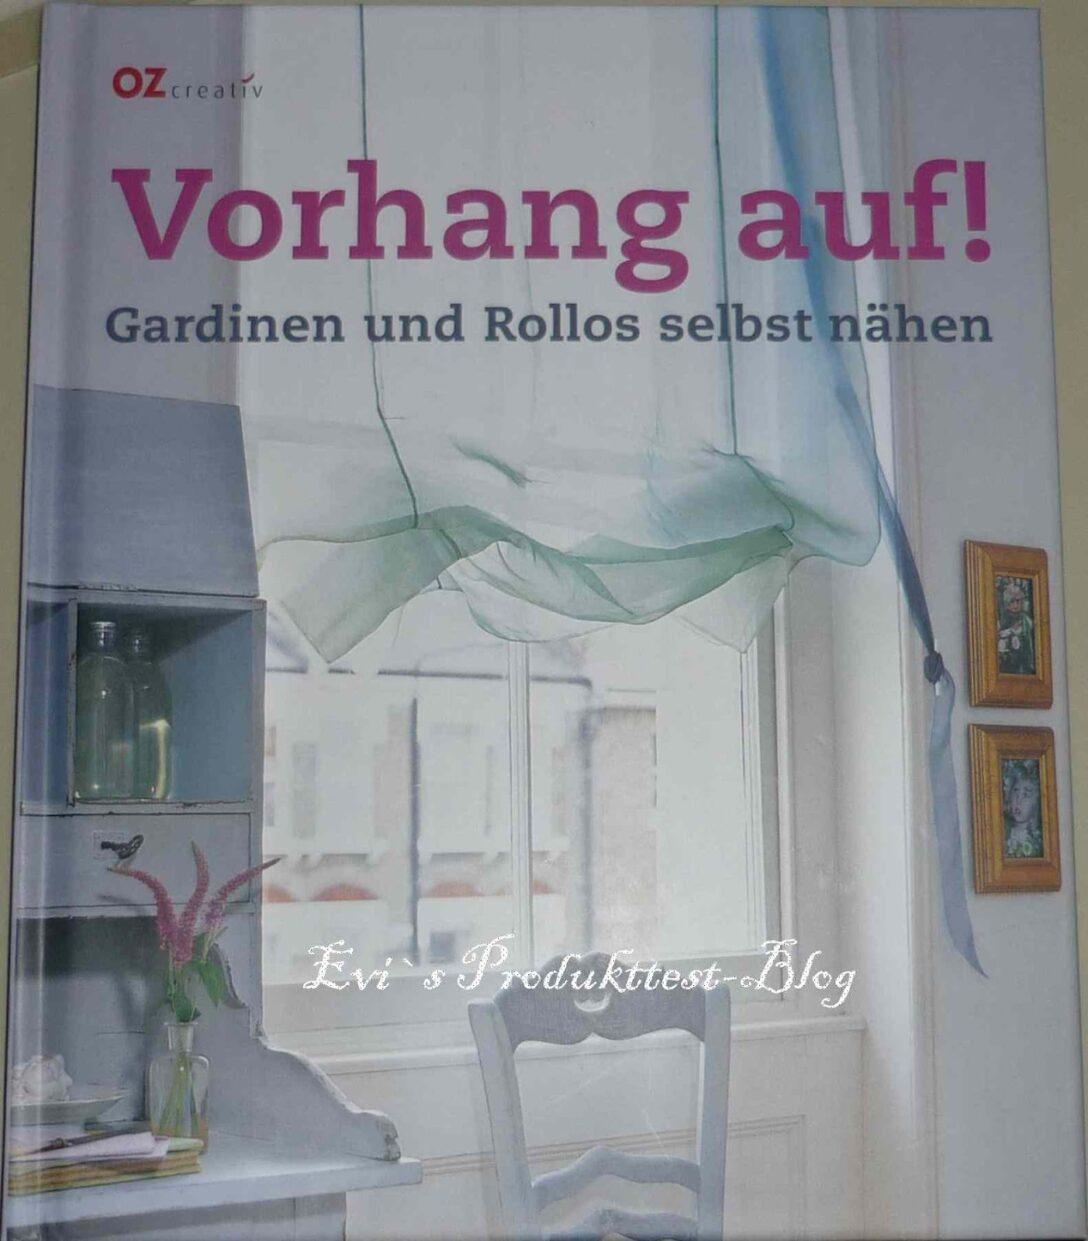 Large Size of Evi S Produkttestblog Buch Vorhang Auf Gardinen Und Rollos Wohnzimmer Küche Für Schlafzimmer Fenster Scheibengardinen Die Wohnzimmer Gardinen Nähen